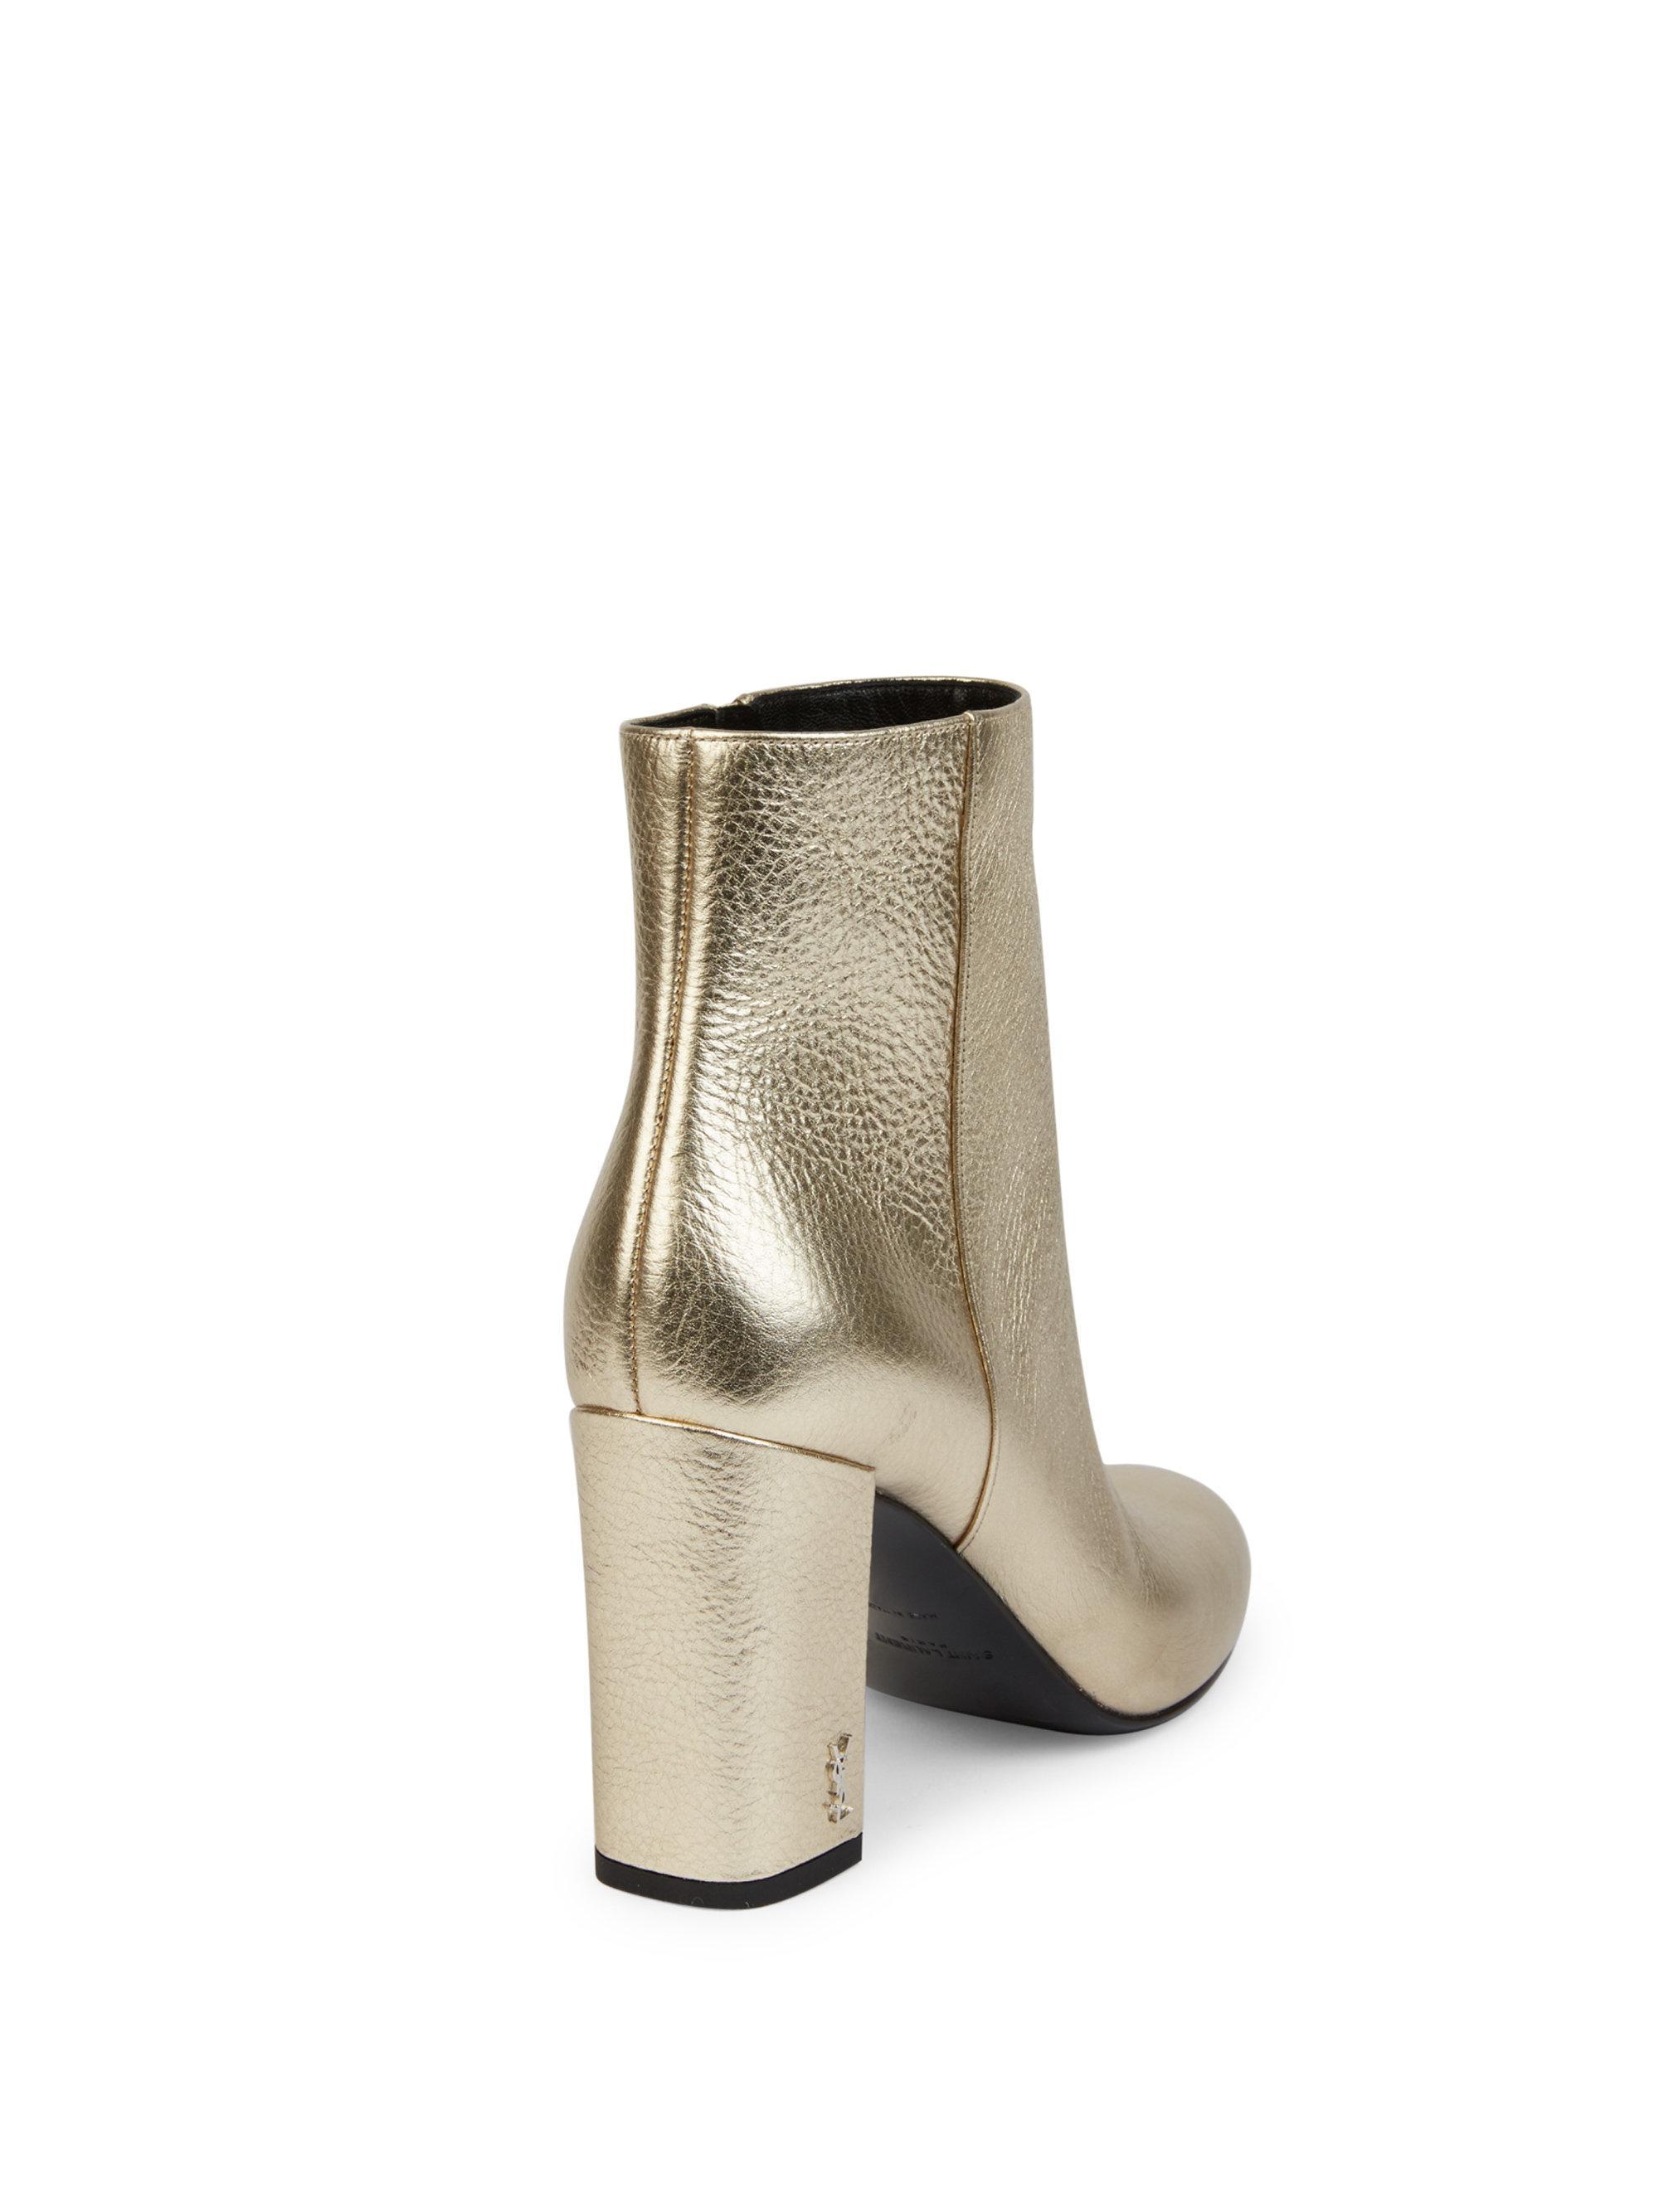 15e63fd031af Lyst - Saint Laurent Babies Metallic Leather Block Heel Booties in ...